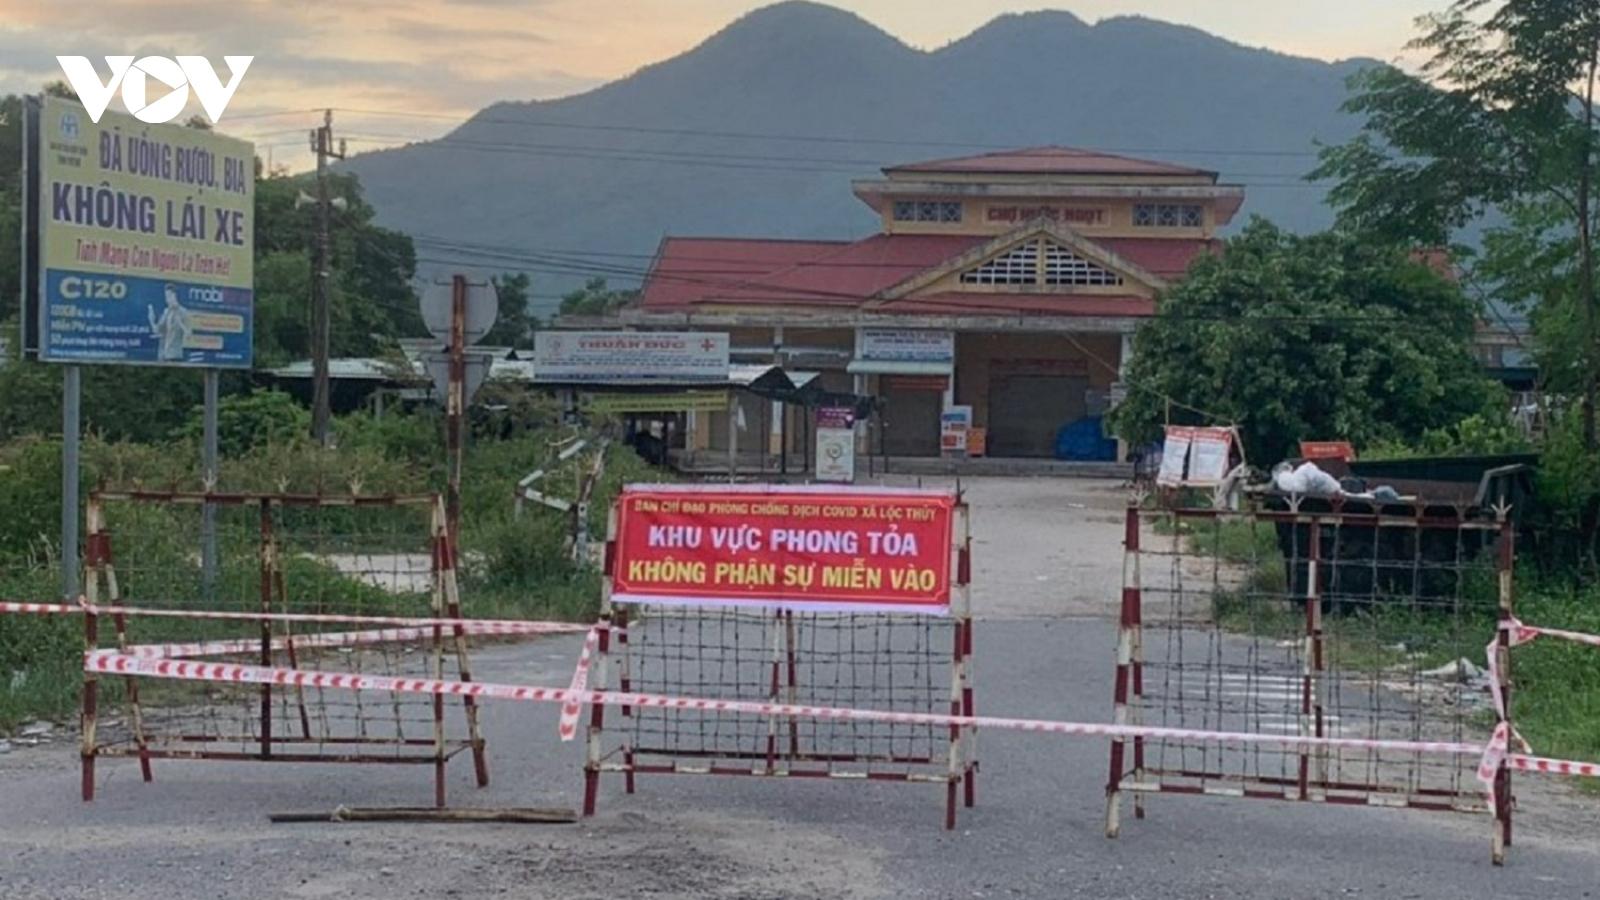 Thừa Thiên Huế thực hiện giãn cách xã hội đối với xã Lộc Thủy, huyện Phú Lộc